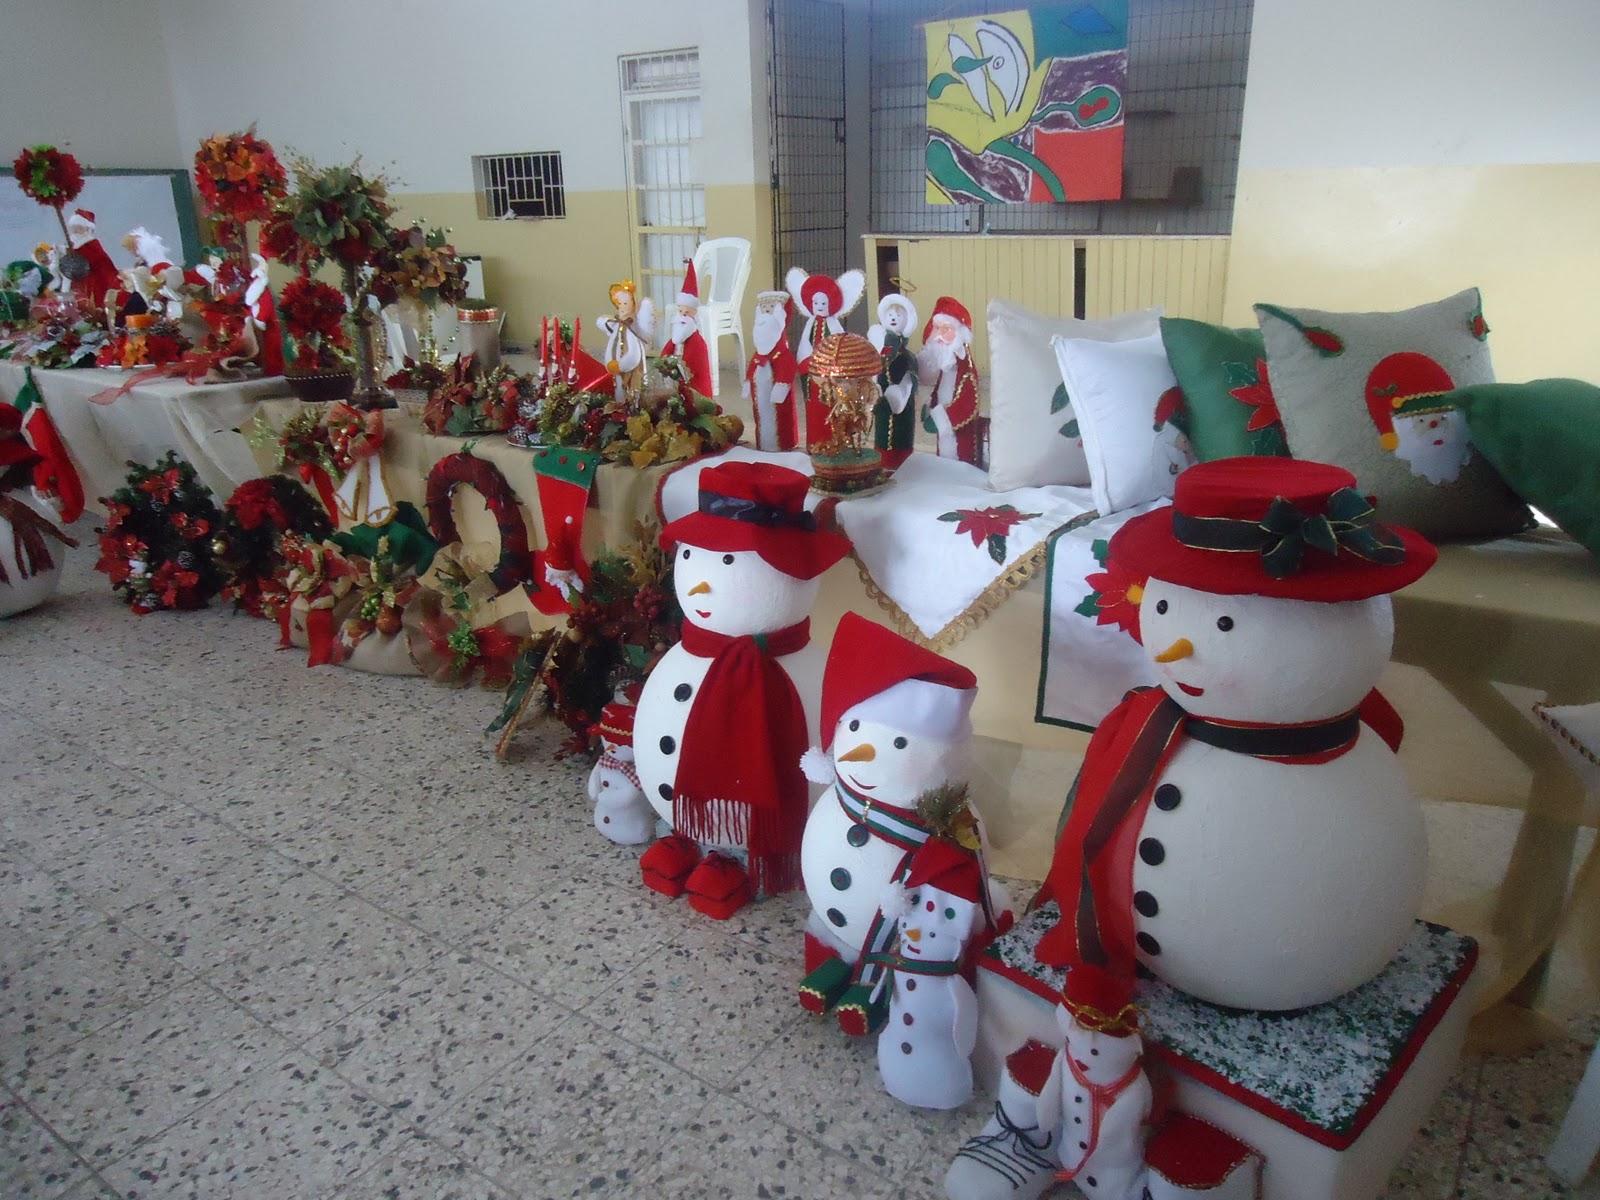 Undemurb undemurb realiza exposici n de decoraci n - Como hacer decoracion navidena para el hogar ...